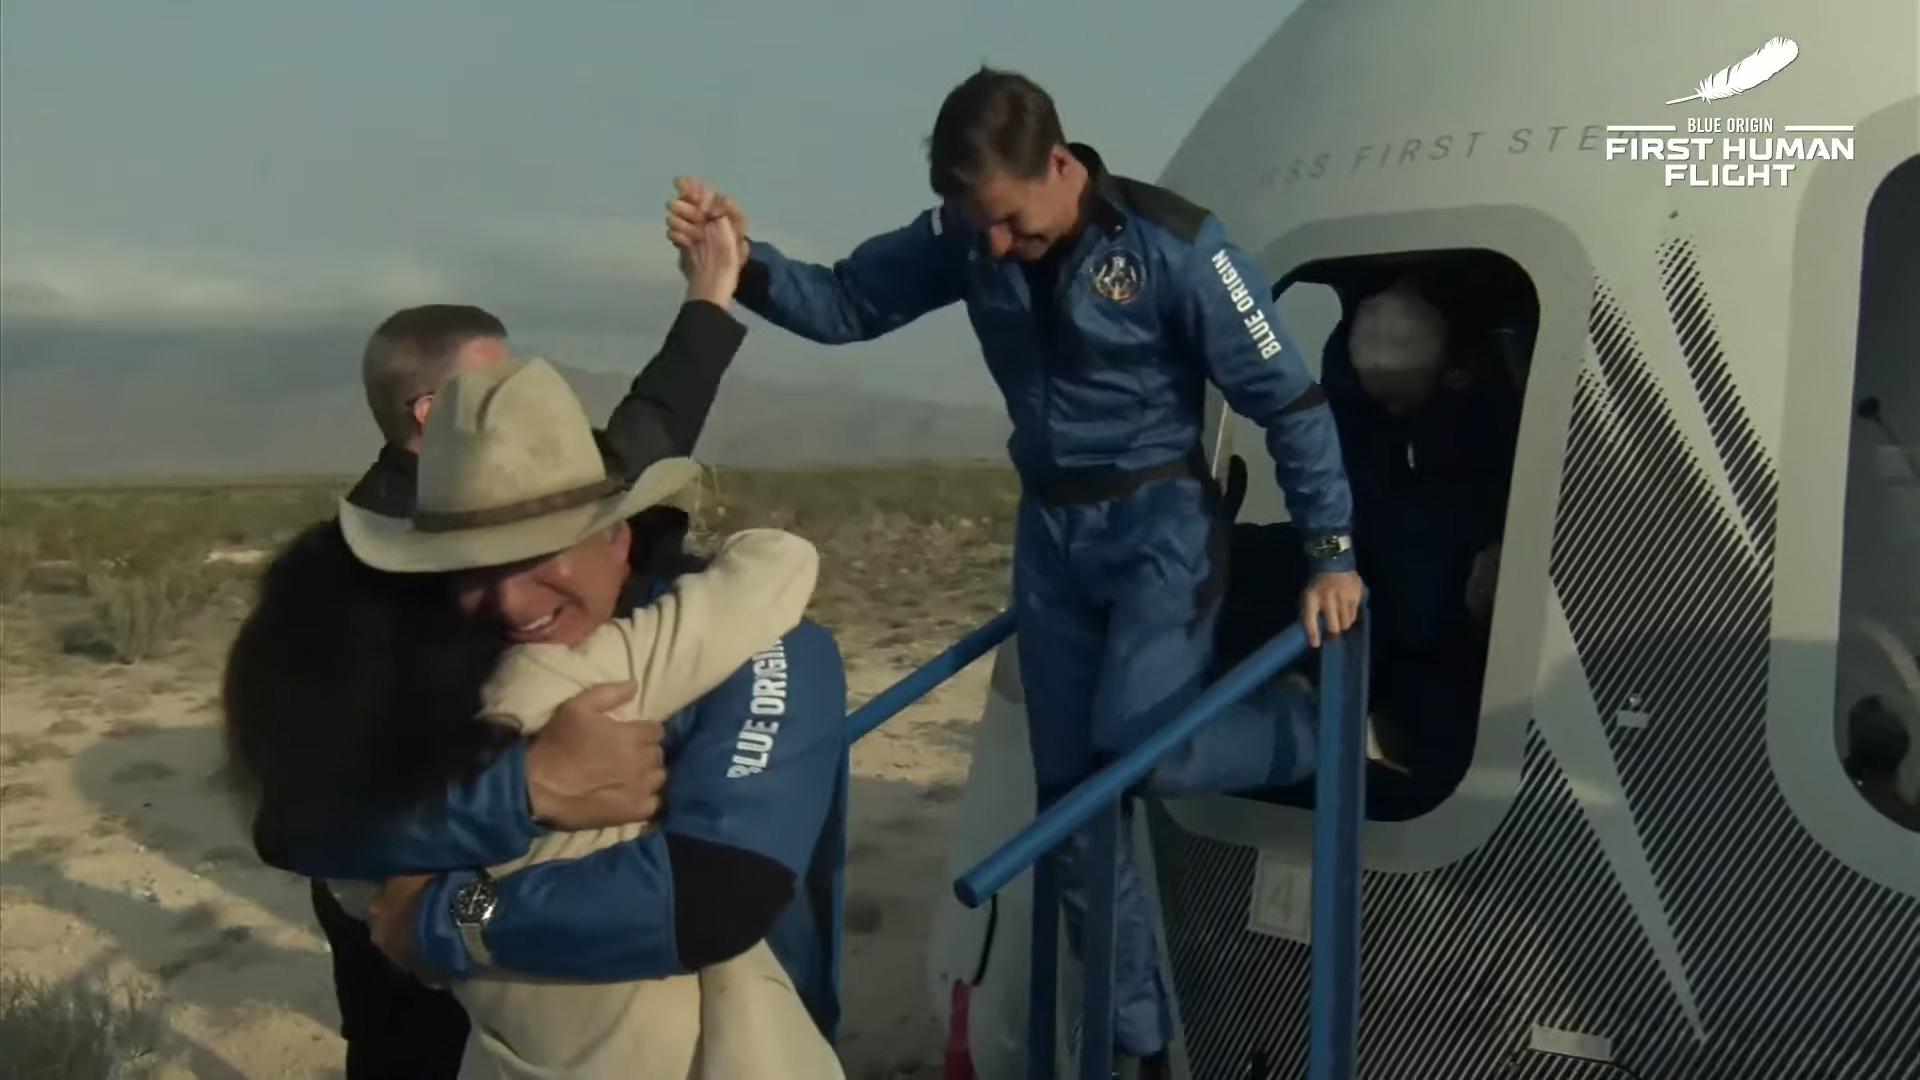 Jeff Bezos Lauren Sanchez Blue Origin Shepard Rocket